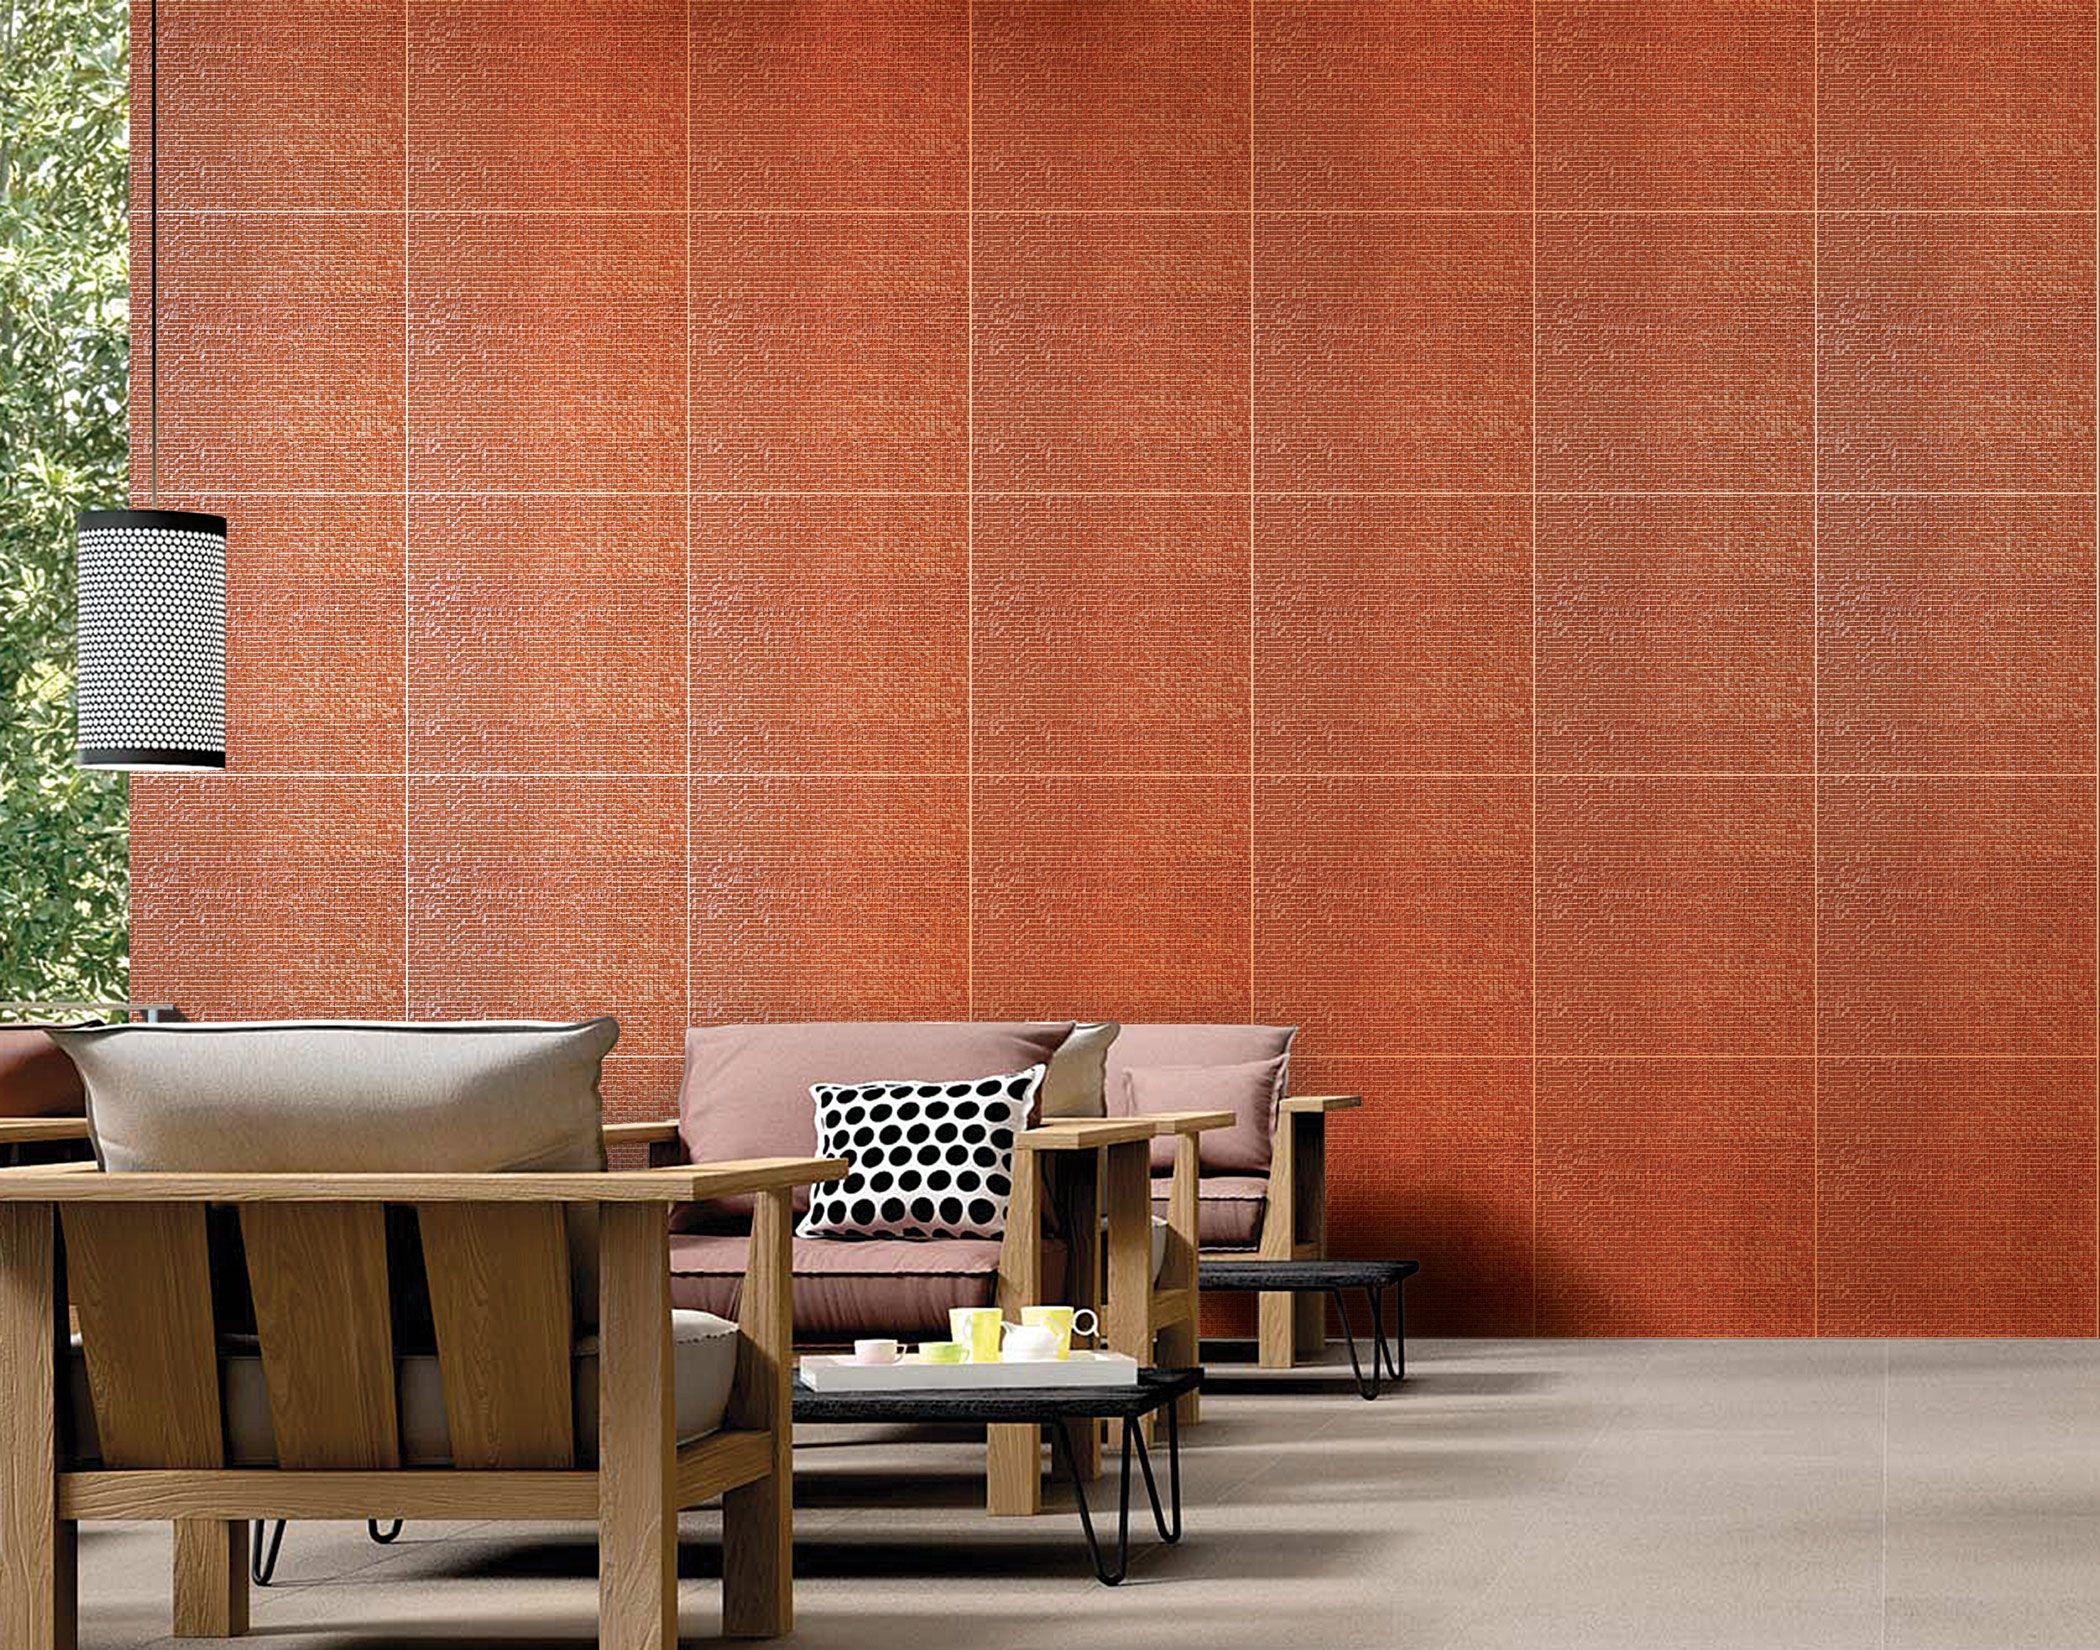 Buy Designer Floor, Wall Tiles for Bathroom, Bedroom